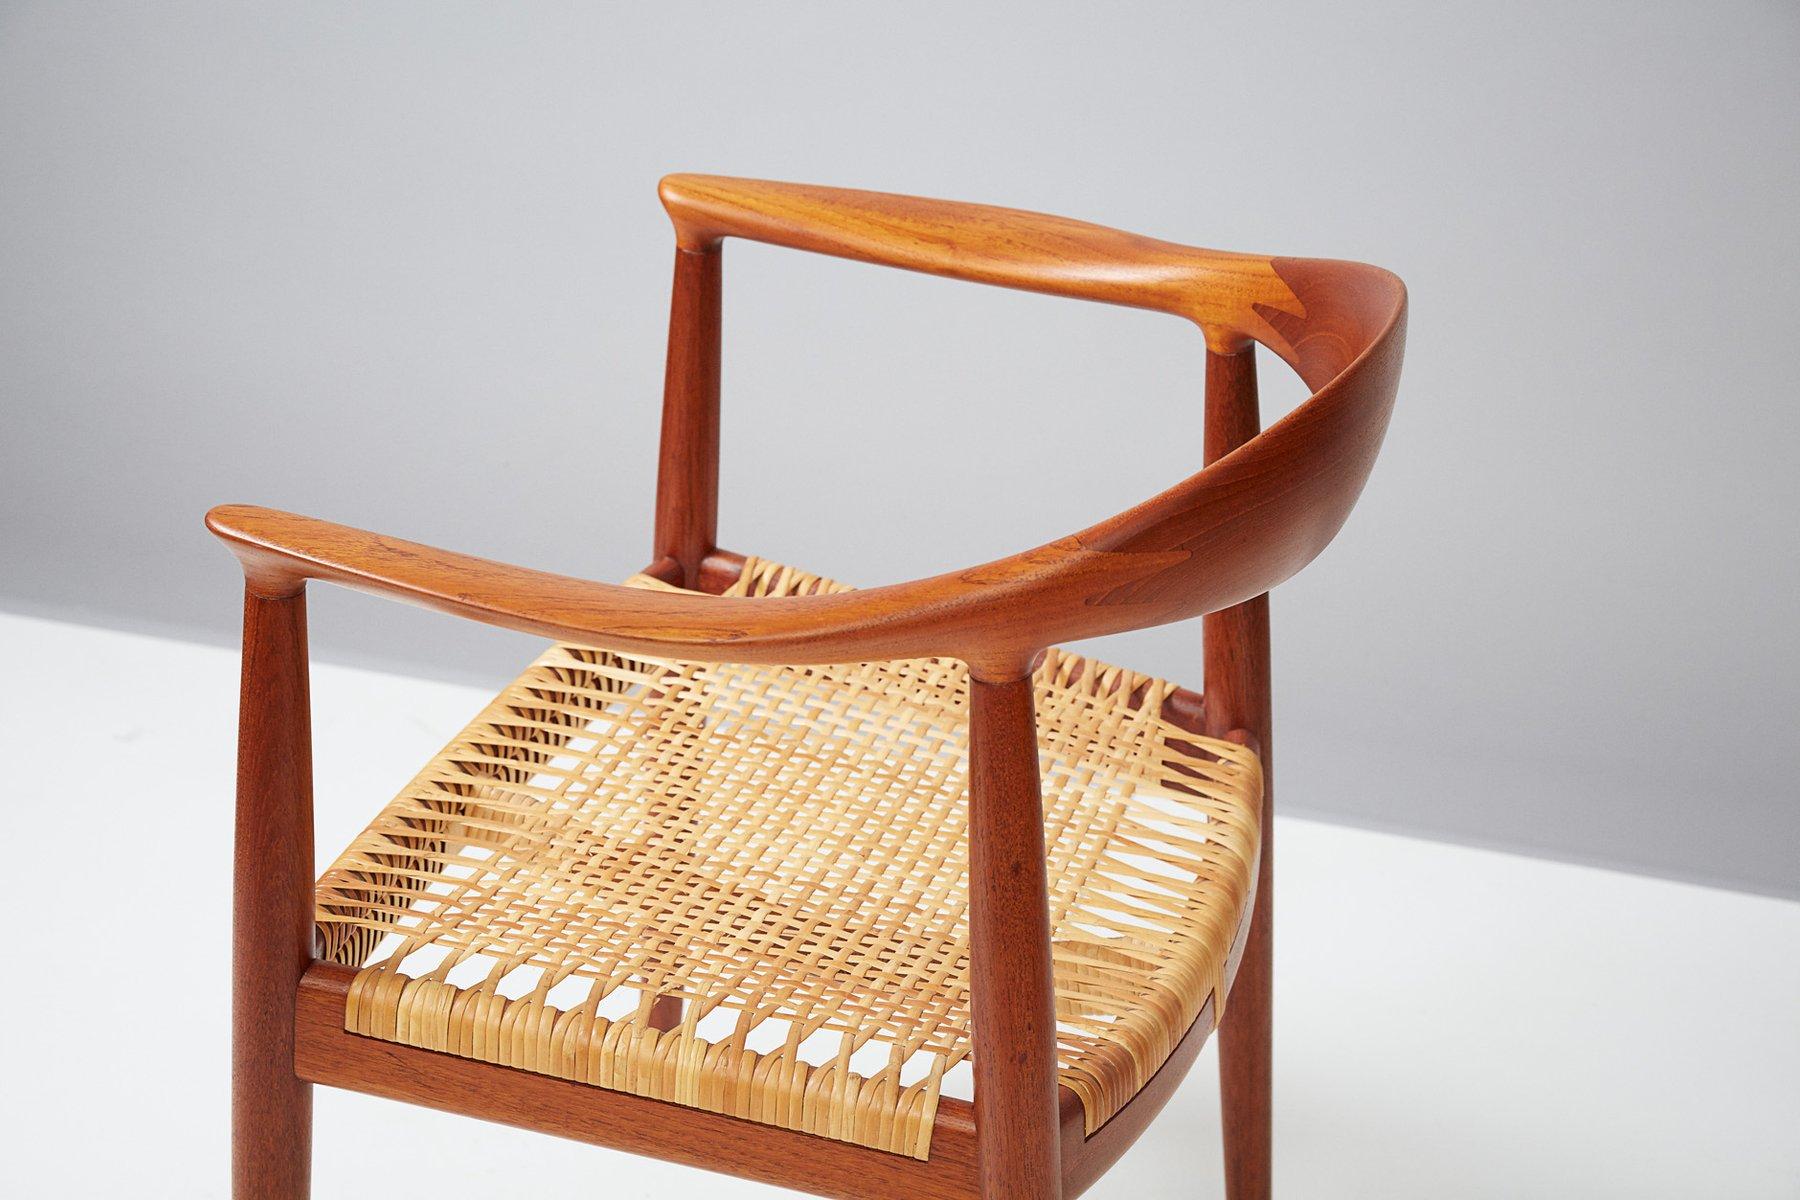 jh 501 teak stuhl von hans j wegner f r johannes hansen 1949 bei pamono kaufen. Black Bedroom Furniture Sets. Home Design Ideas